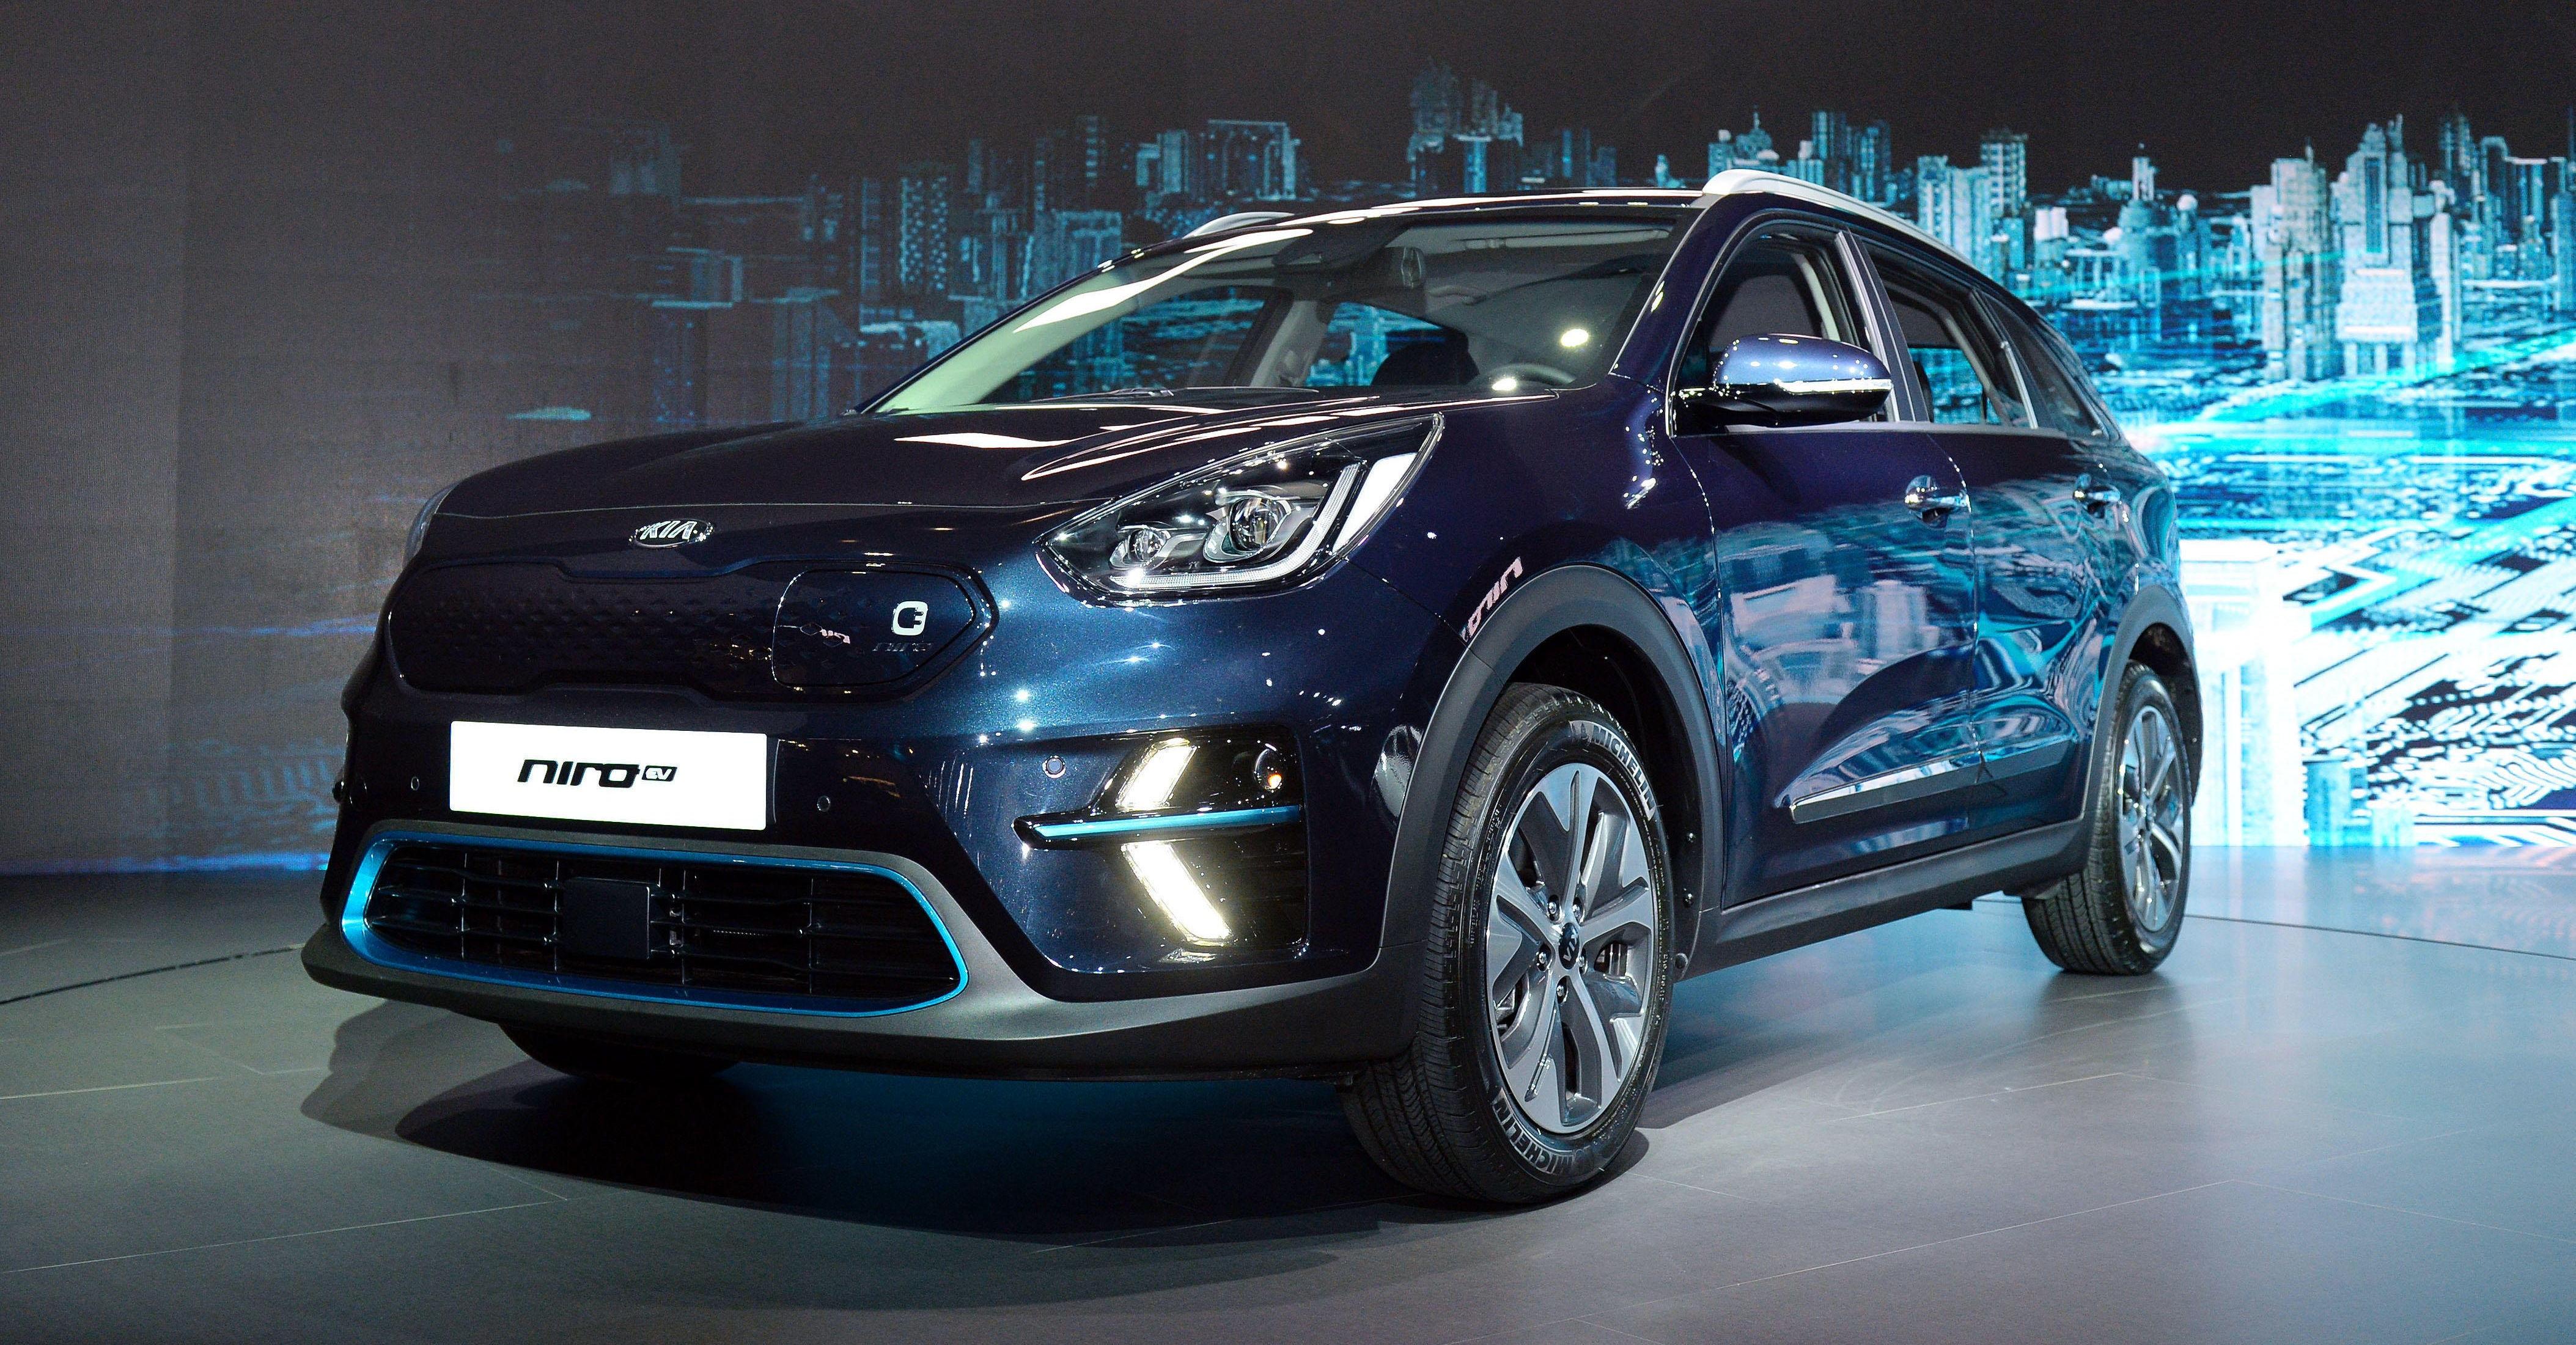 KIA NIRO ELECTRIC: Kia avduket elbilen Niro i Korea den. 7. juni 2018. Bilen skal være i Norge innen utgangen av 2018 og får en rekkevidde på mellom 300 og 450 km etter hvilken batteribakke den er utstyrt med. Grillen har integrert ladeport, luftinntakene er redesignet og nye LED-kjørelys kombinert med blå detaljer skiller elbilen designmessig fra de eksisterende hybridvariantene av Niro.